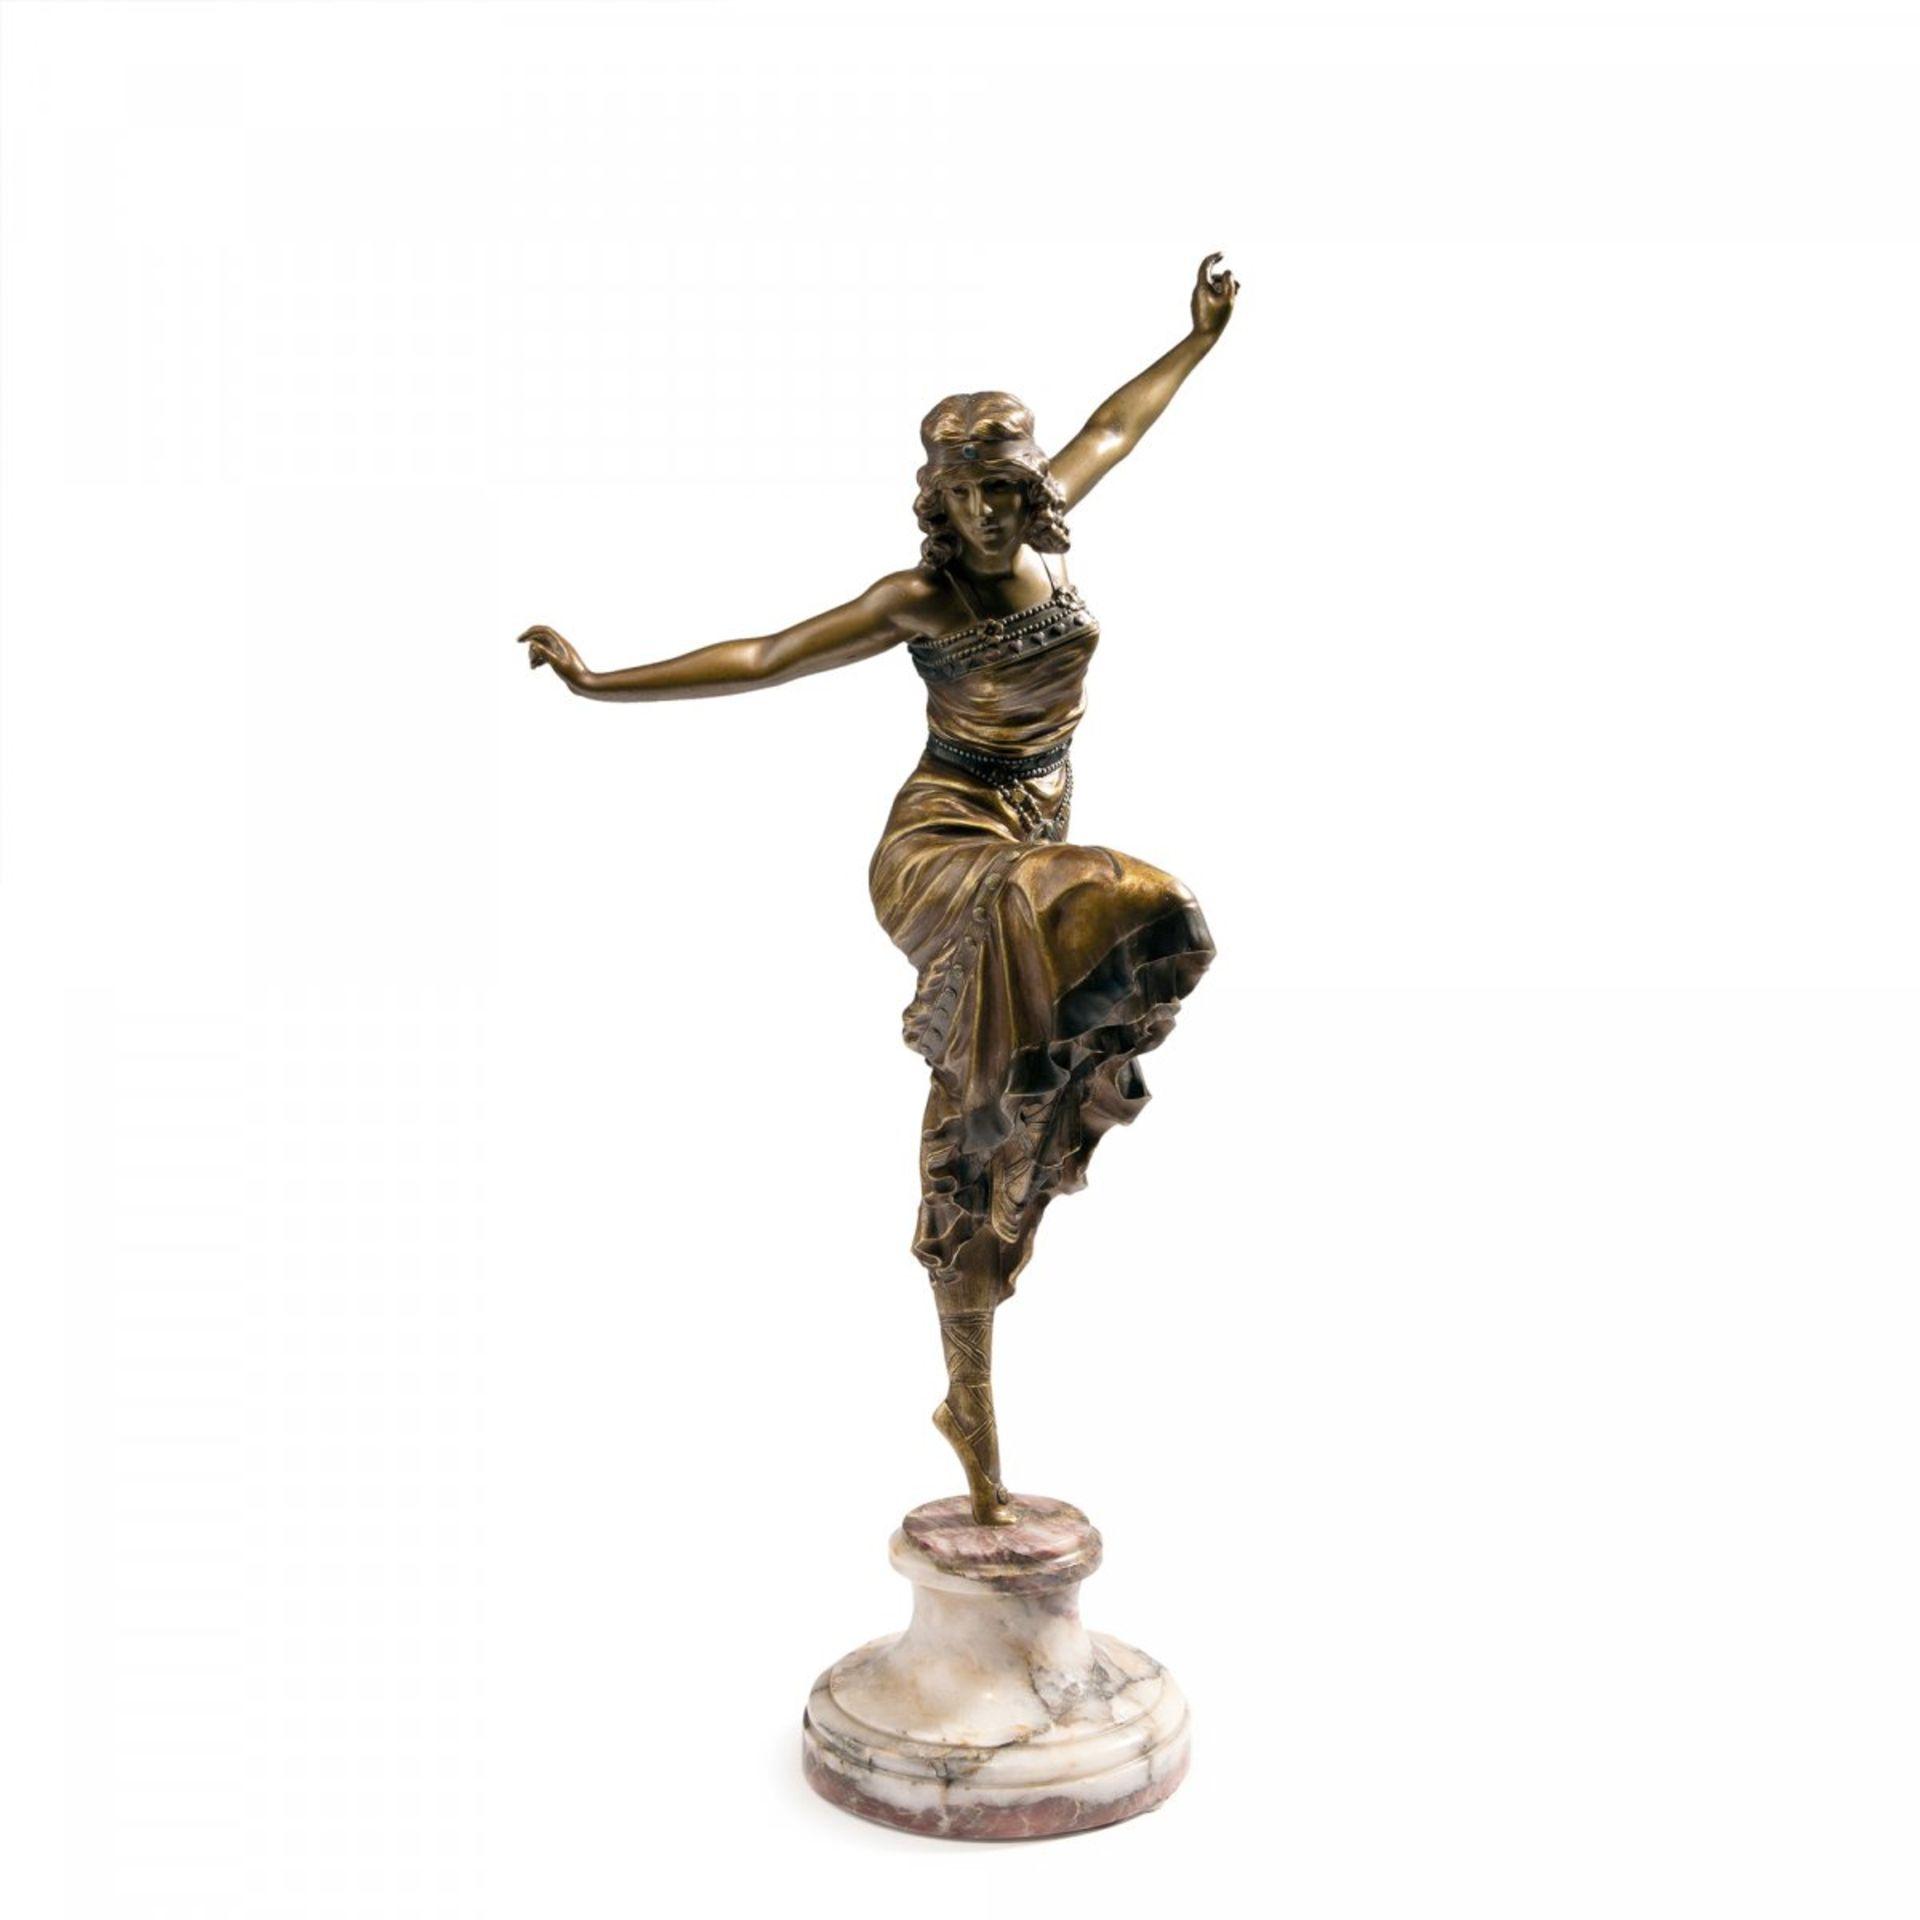 Paul Philippe, 'Große Russische Tänzerin', 1920er Jahre